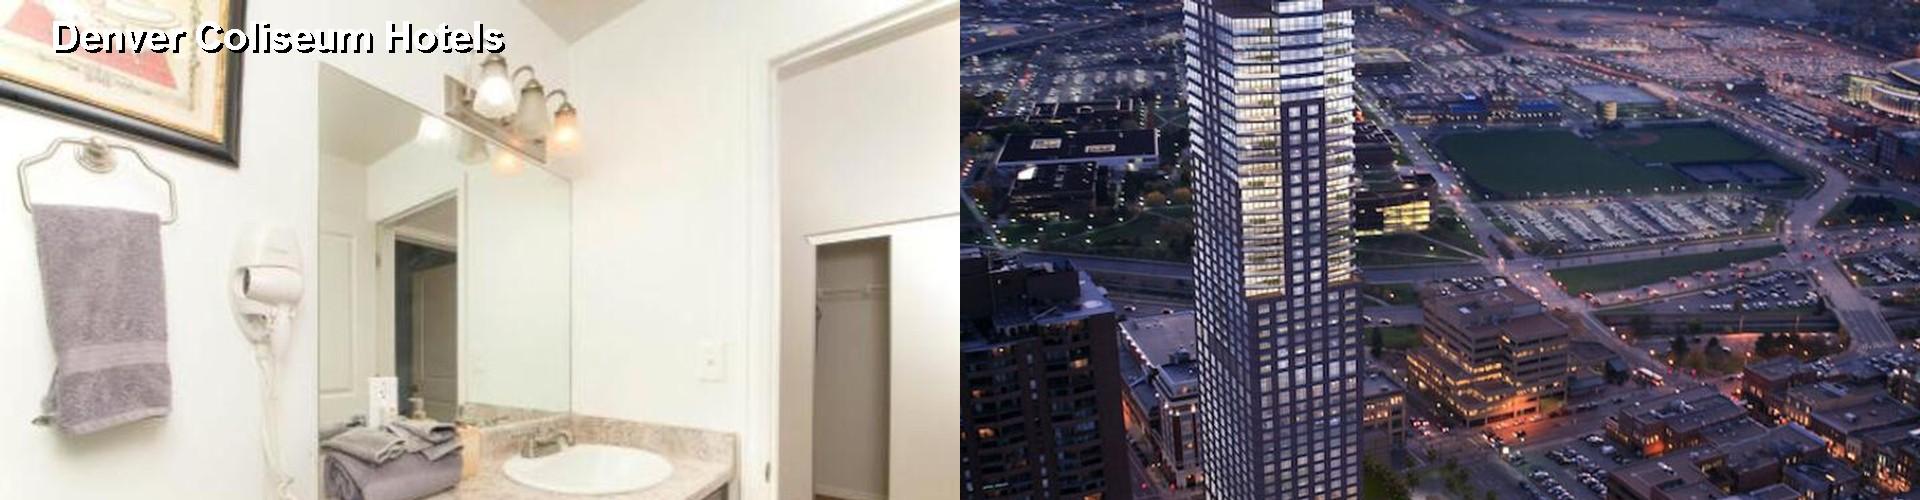 5 Best Hotels Near Denver Coliseum